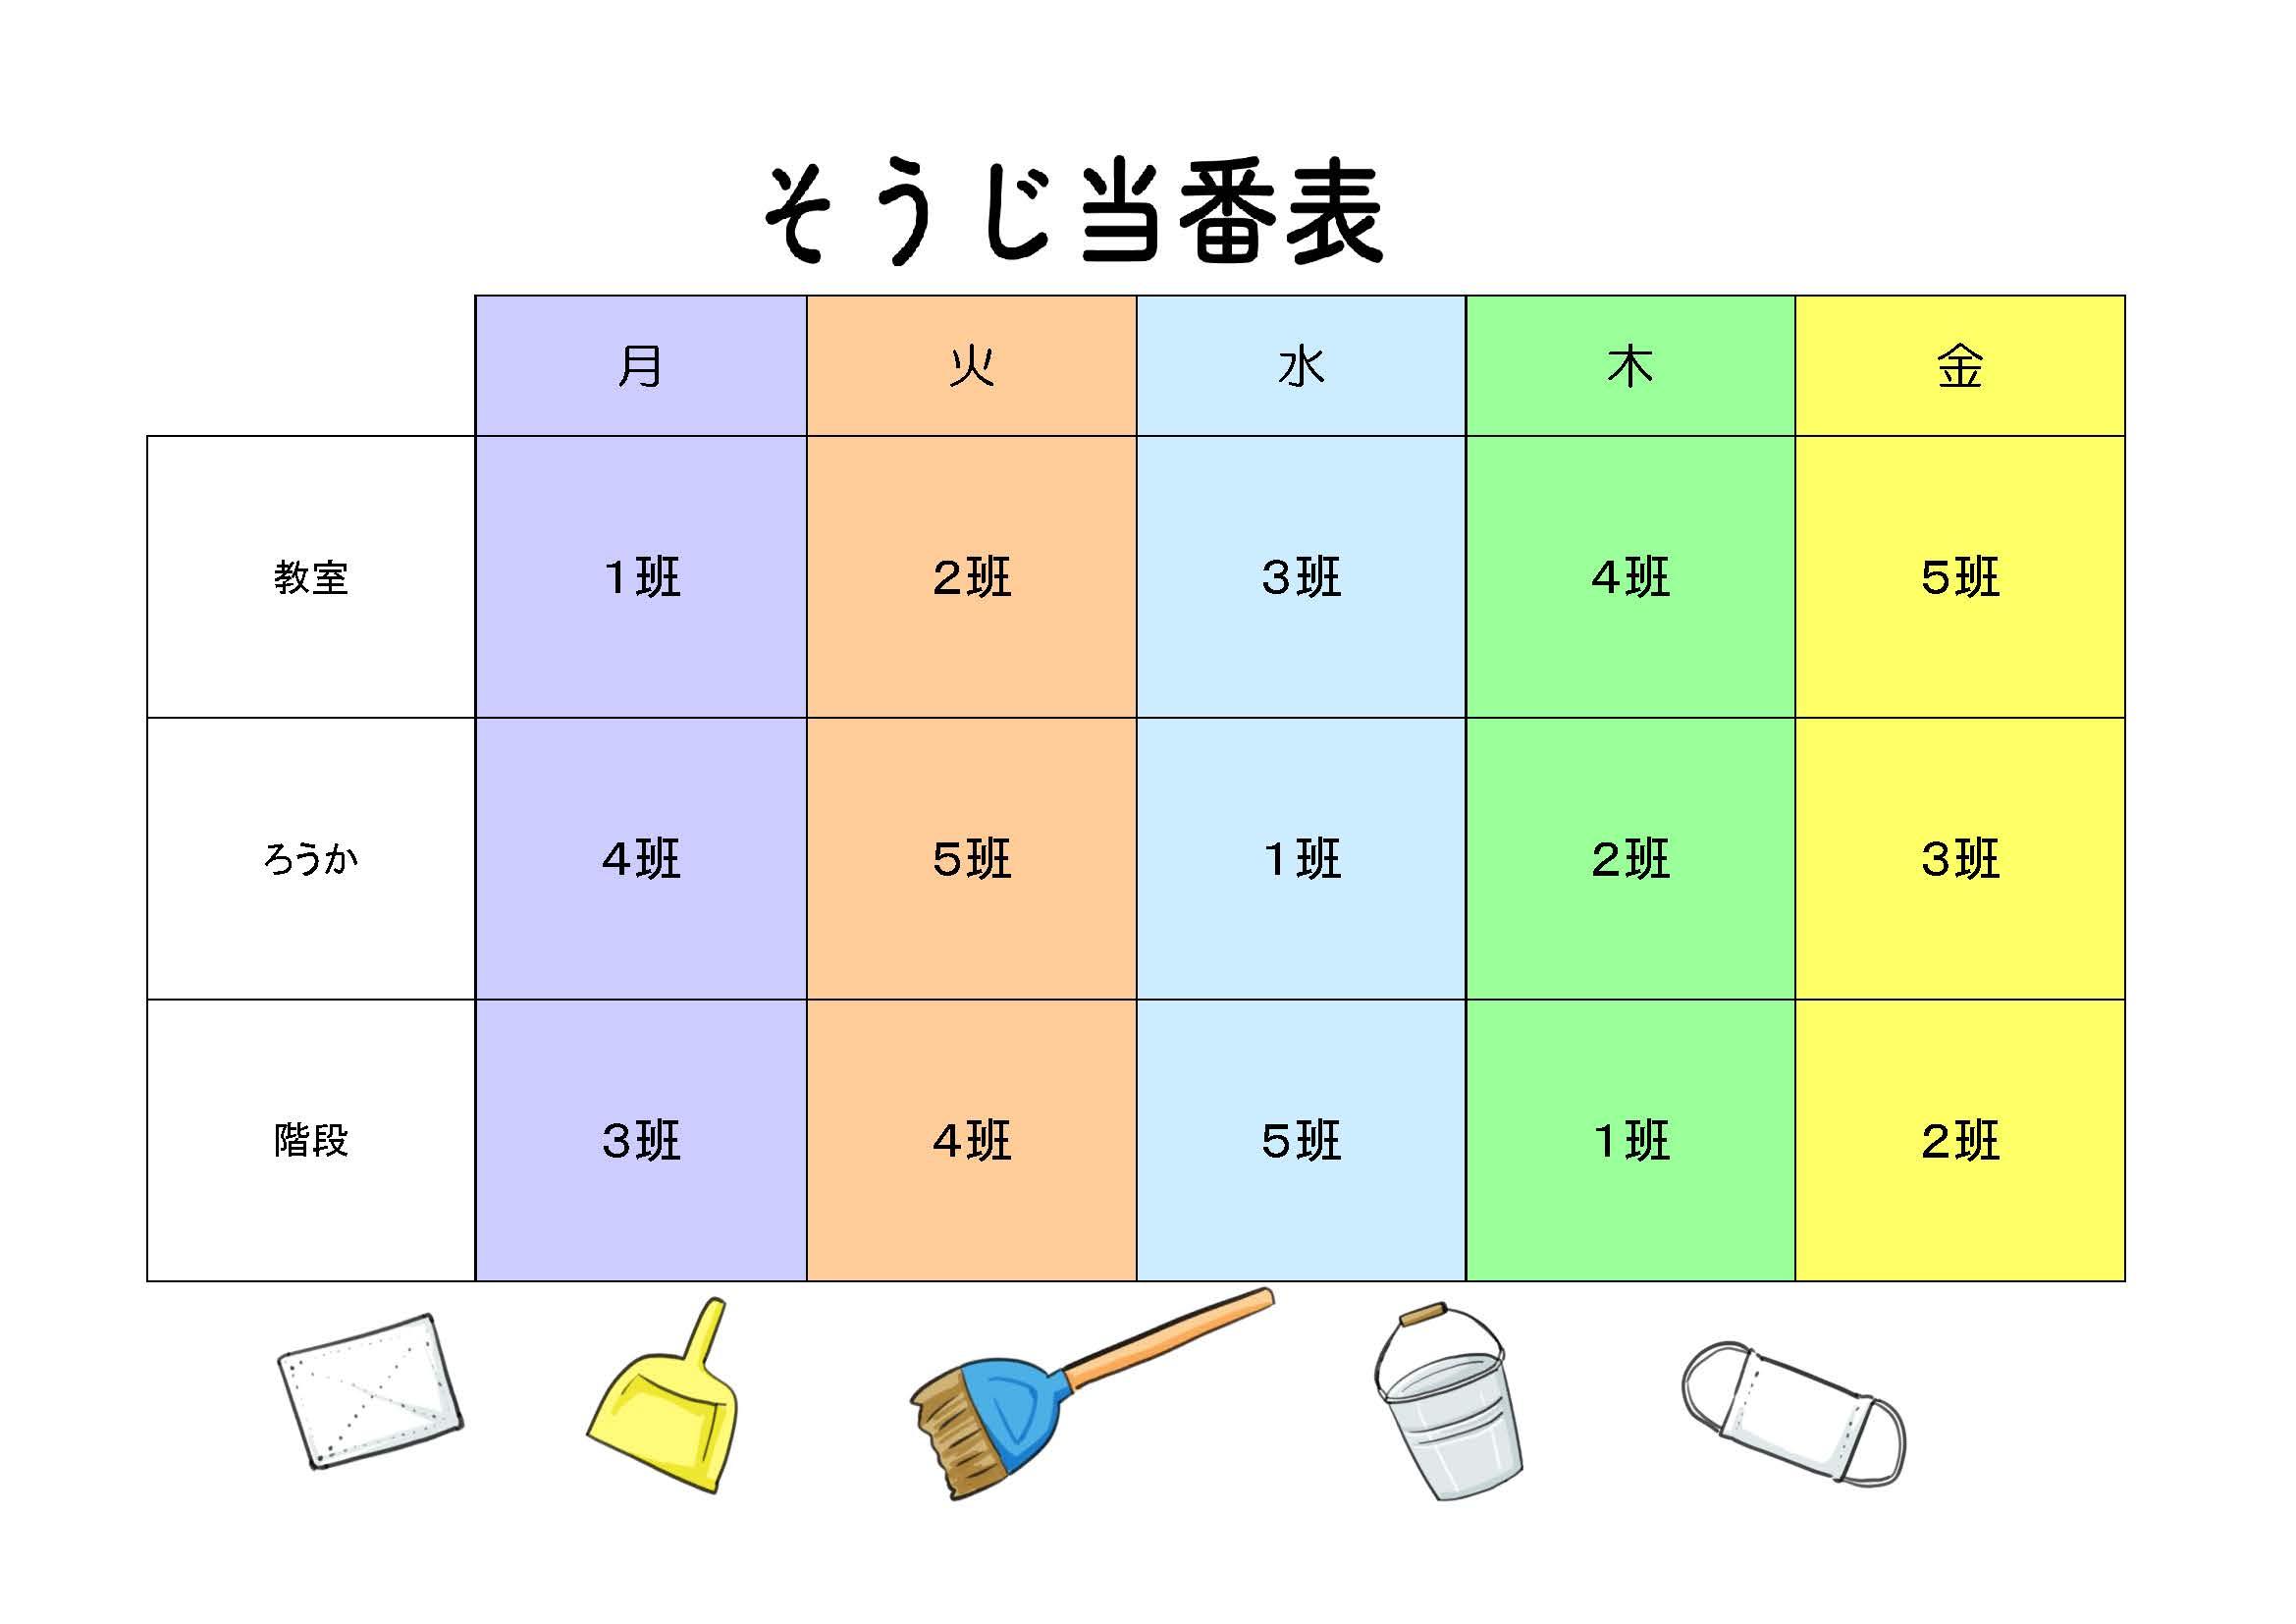 イラスト入りの表形式のエクセル・ワードの掃除当番表